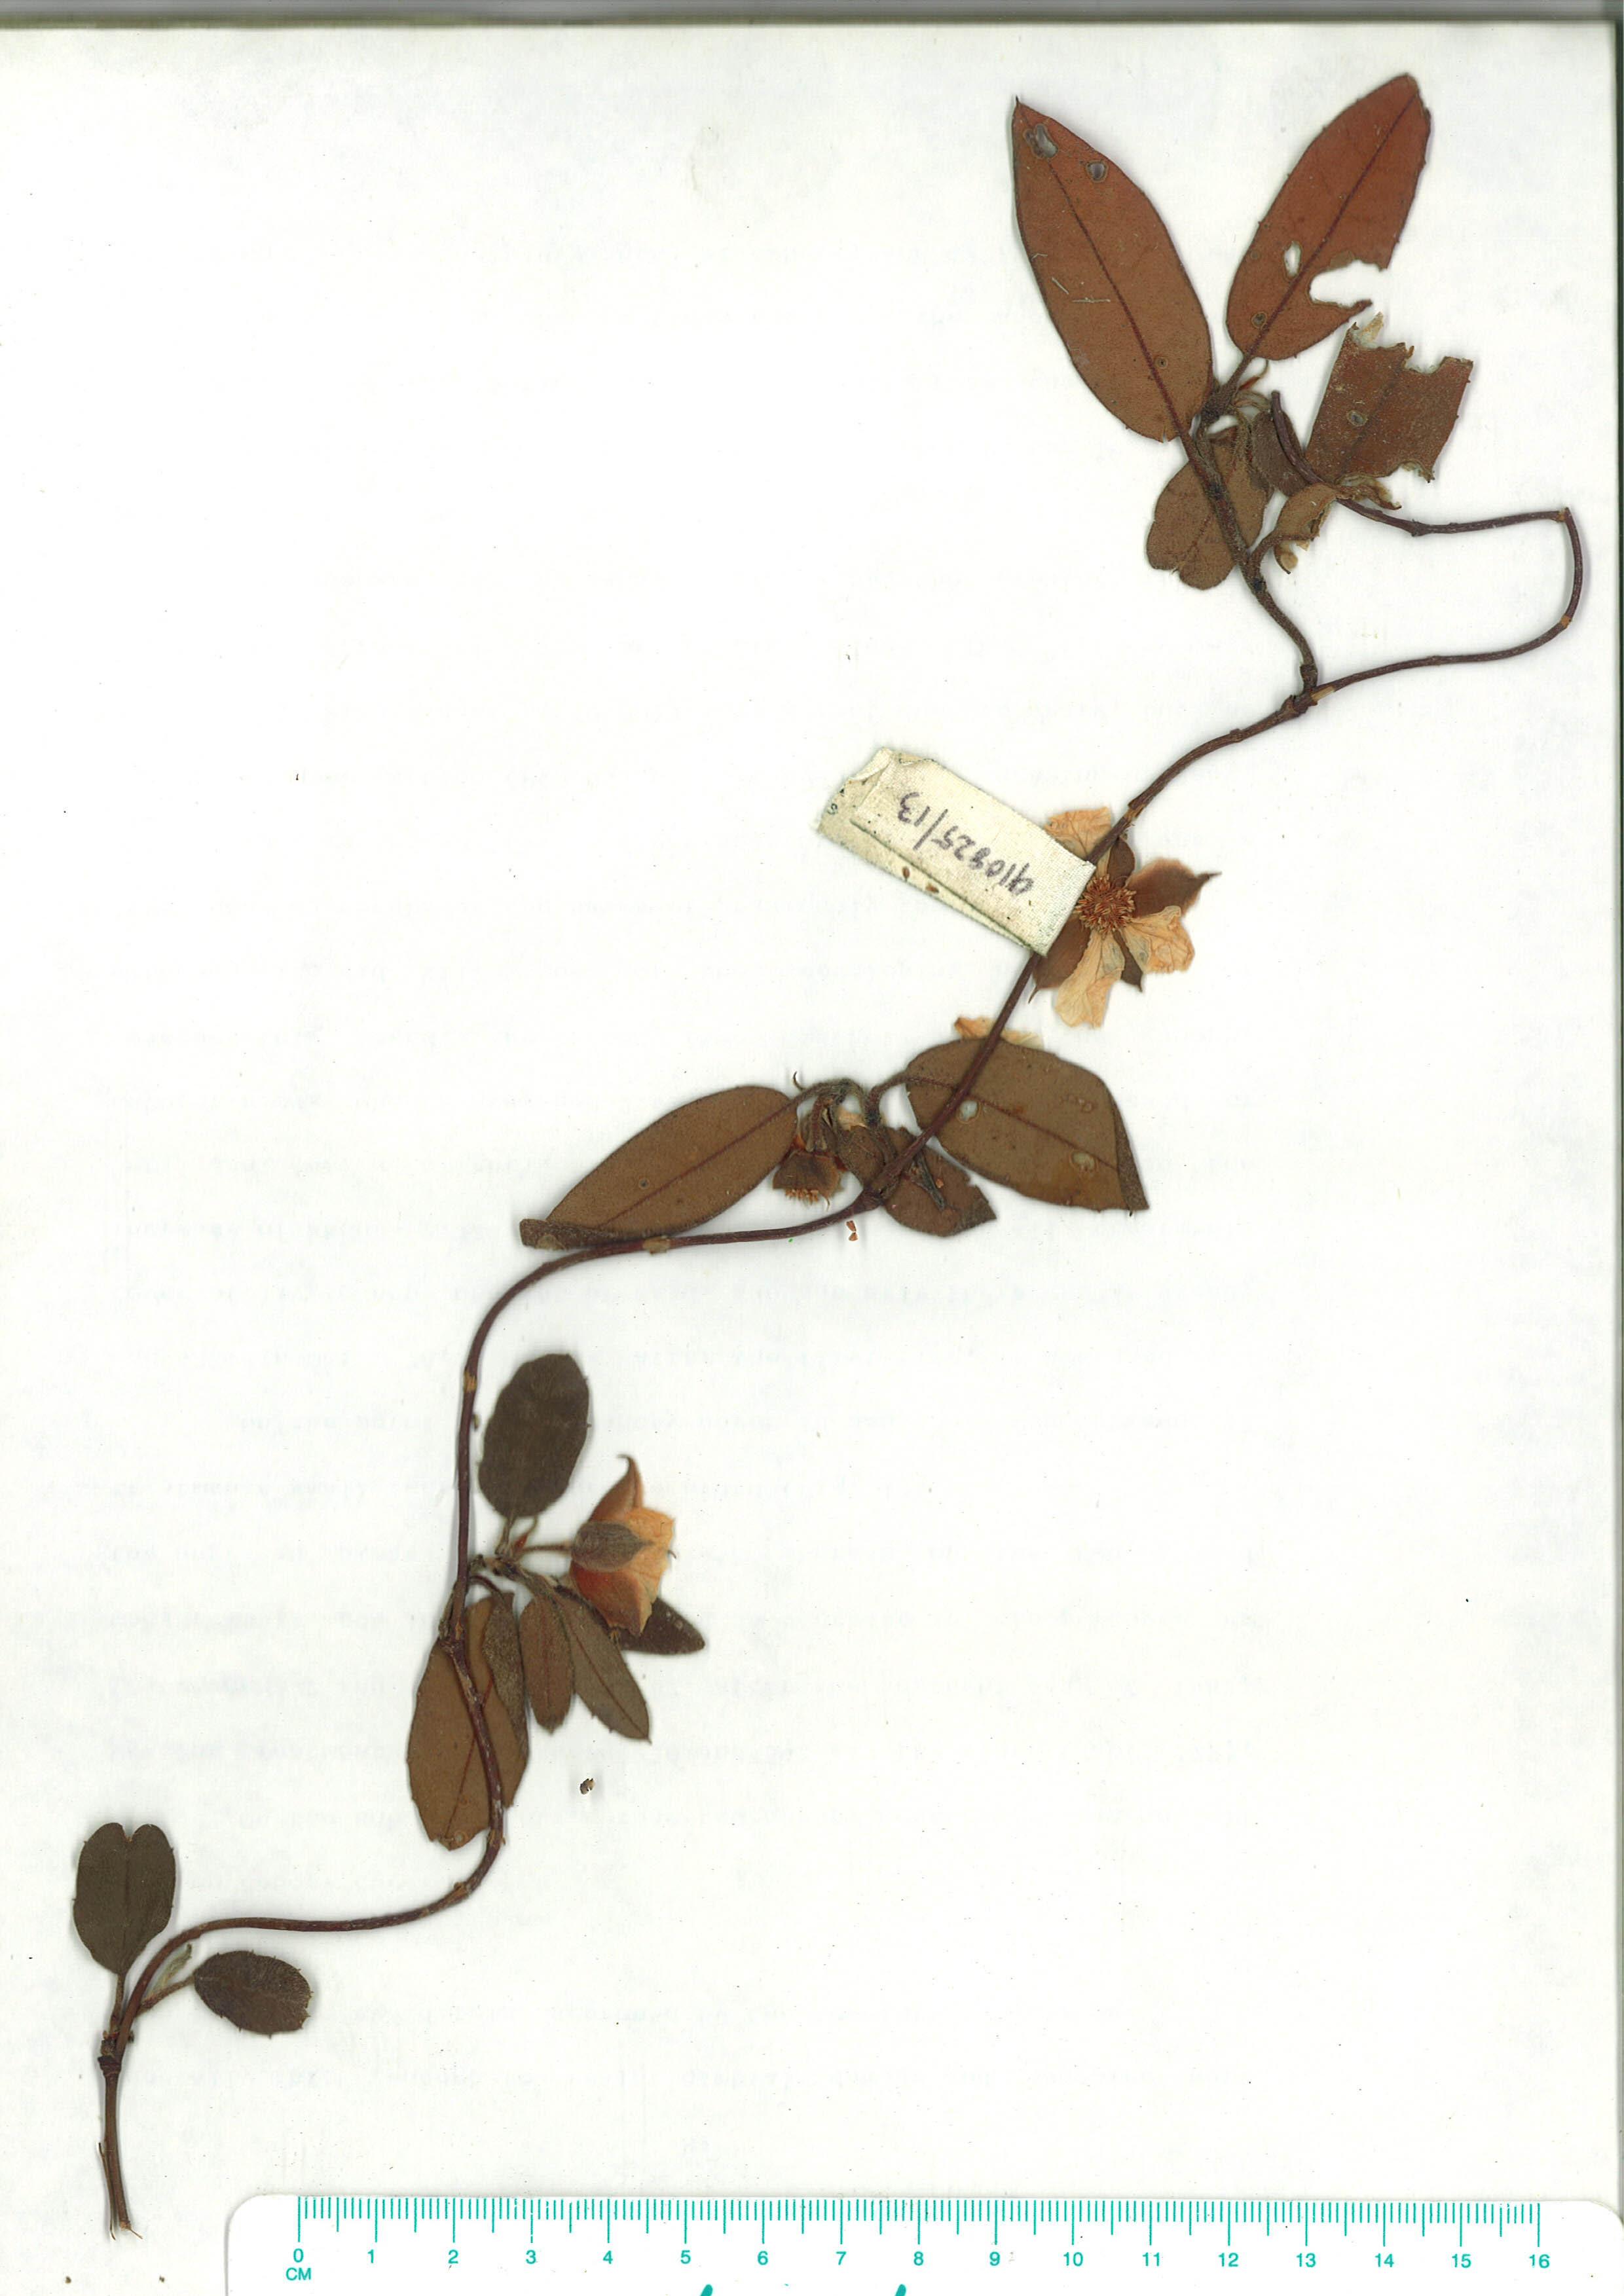 Scanned herbarium image of Hibbertia dentata